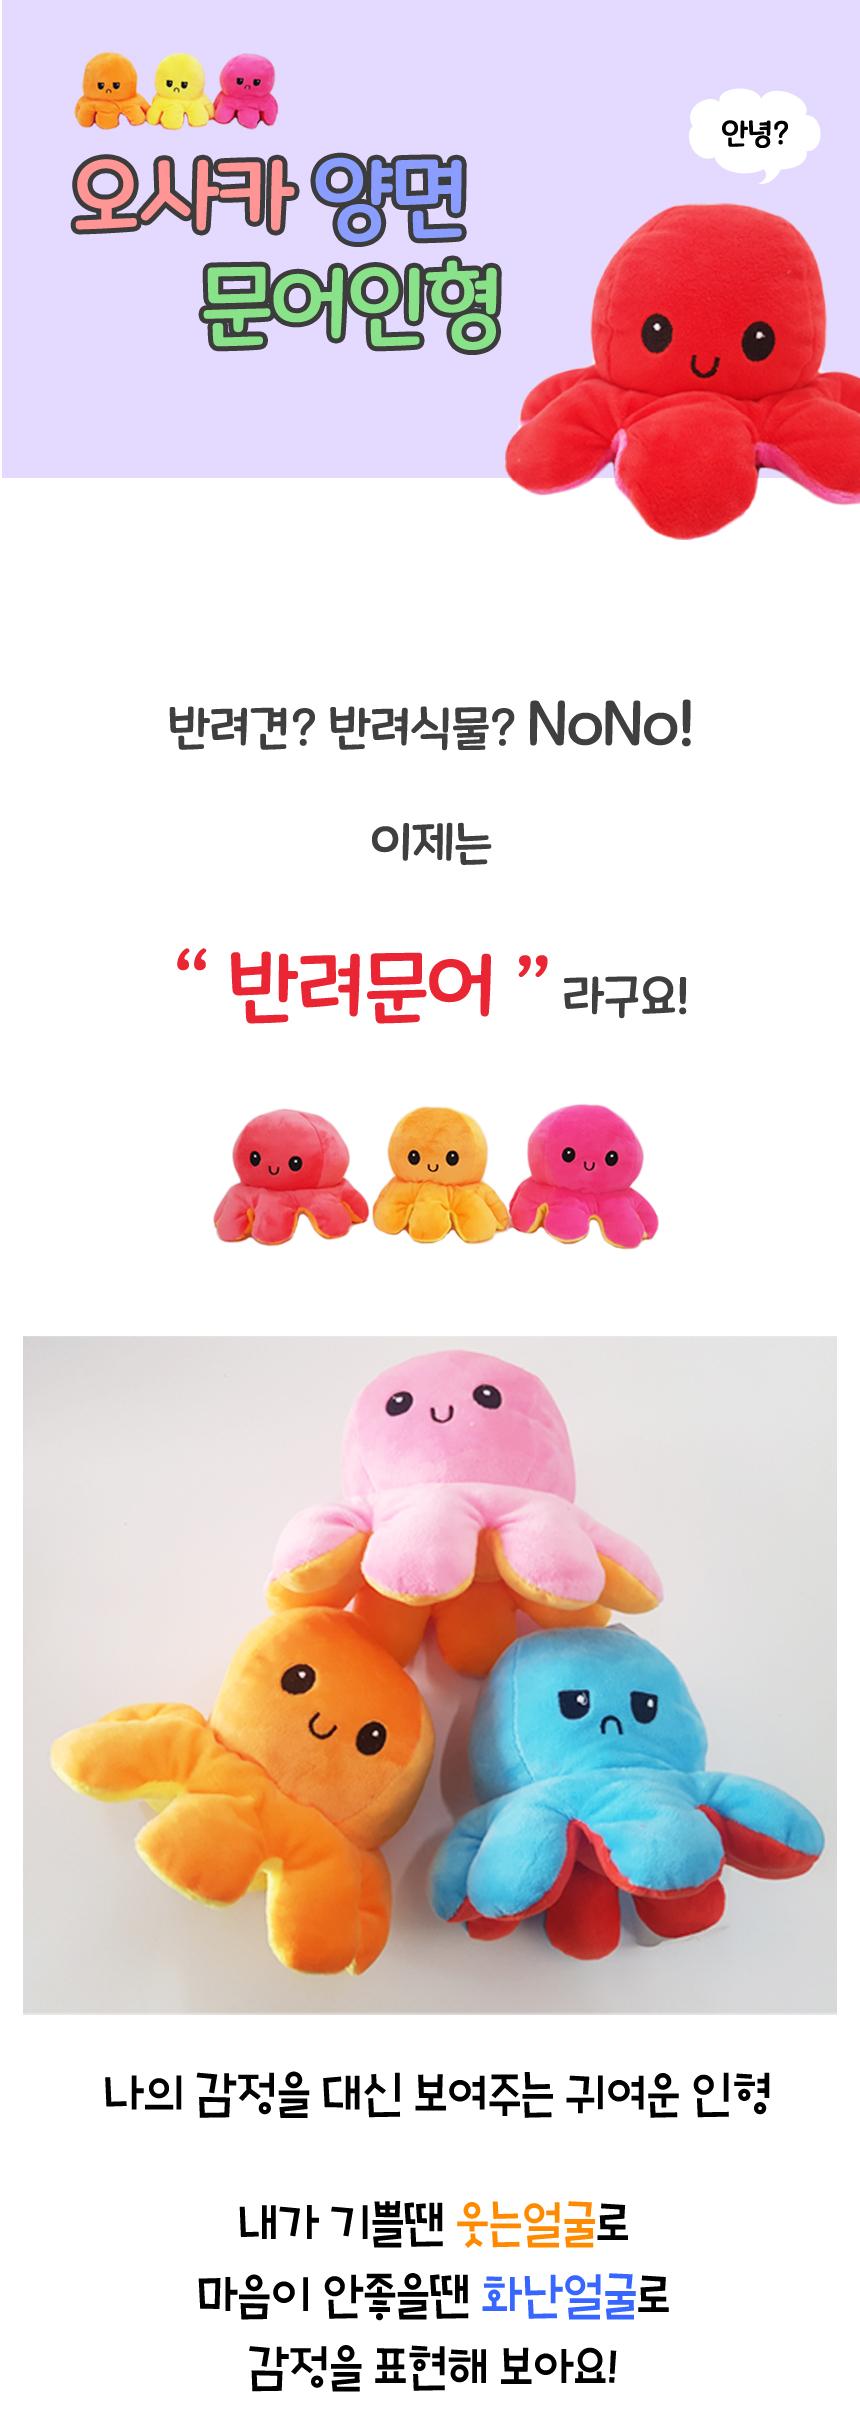 OctopusDoll_01.jpg